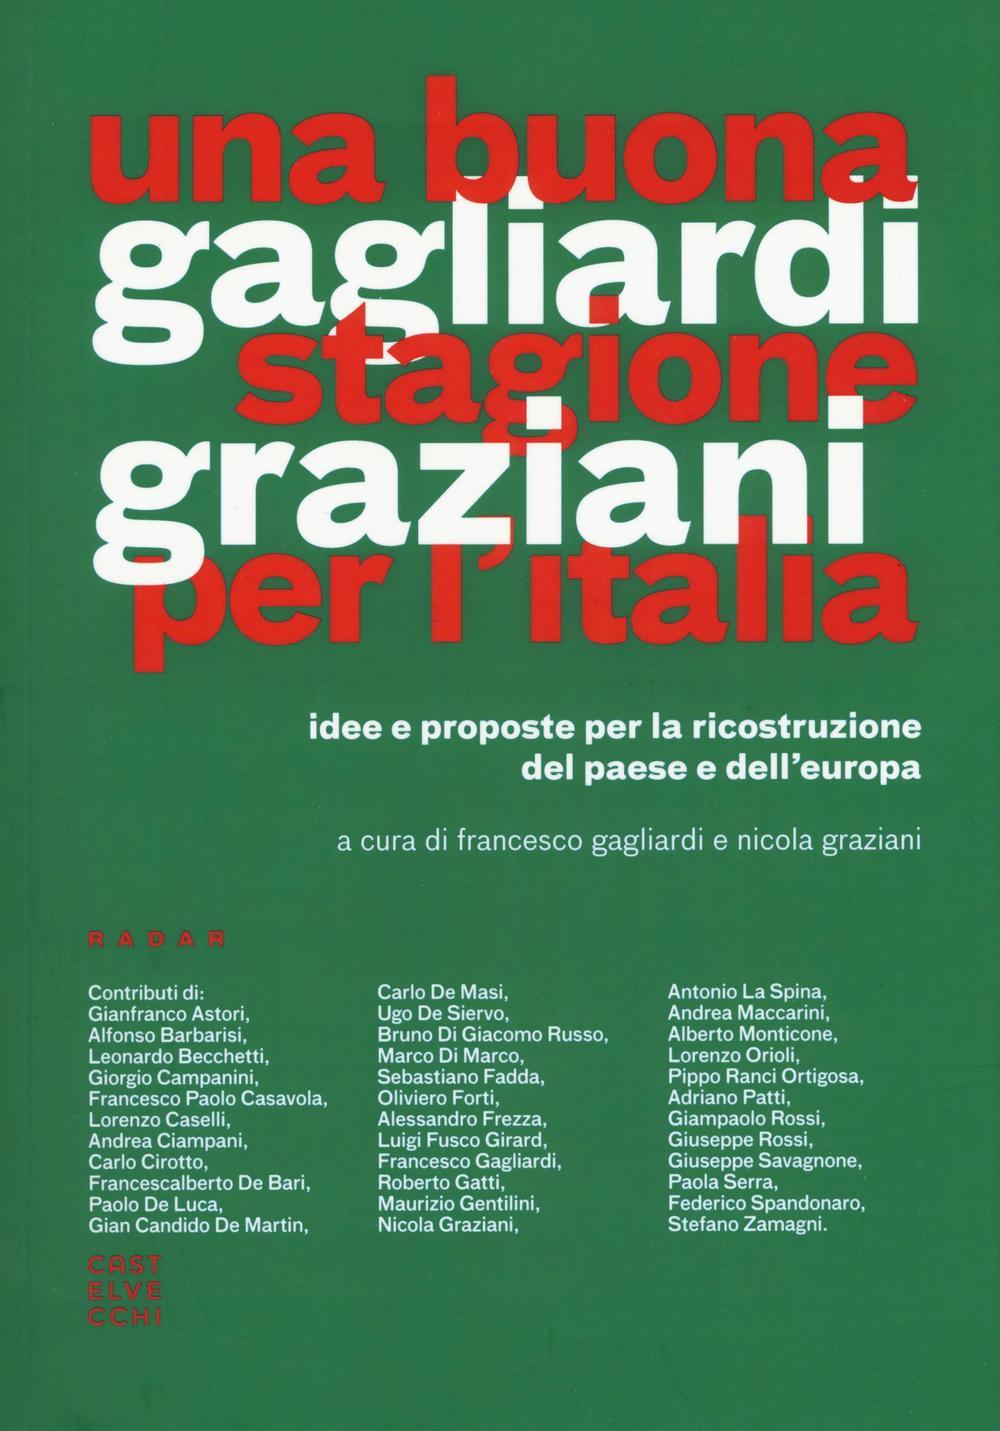 UNA BUONA STAGIONE PER L'ITALIA - 9788869448232